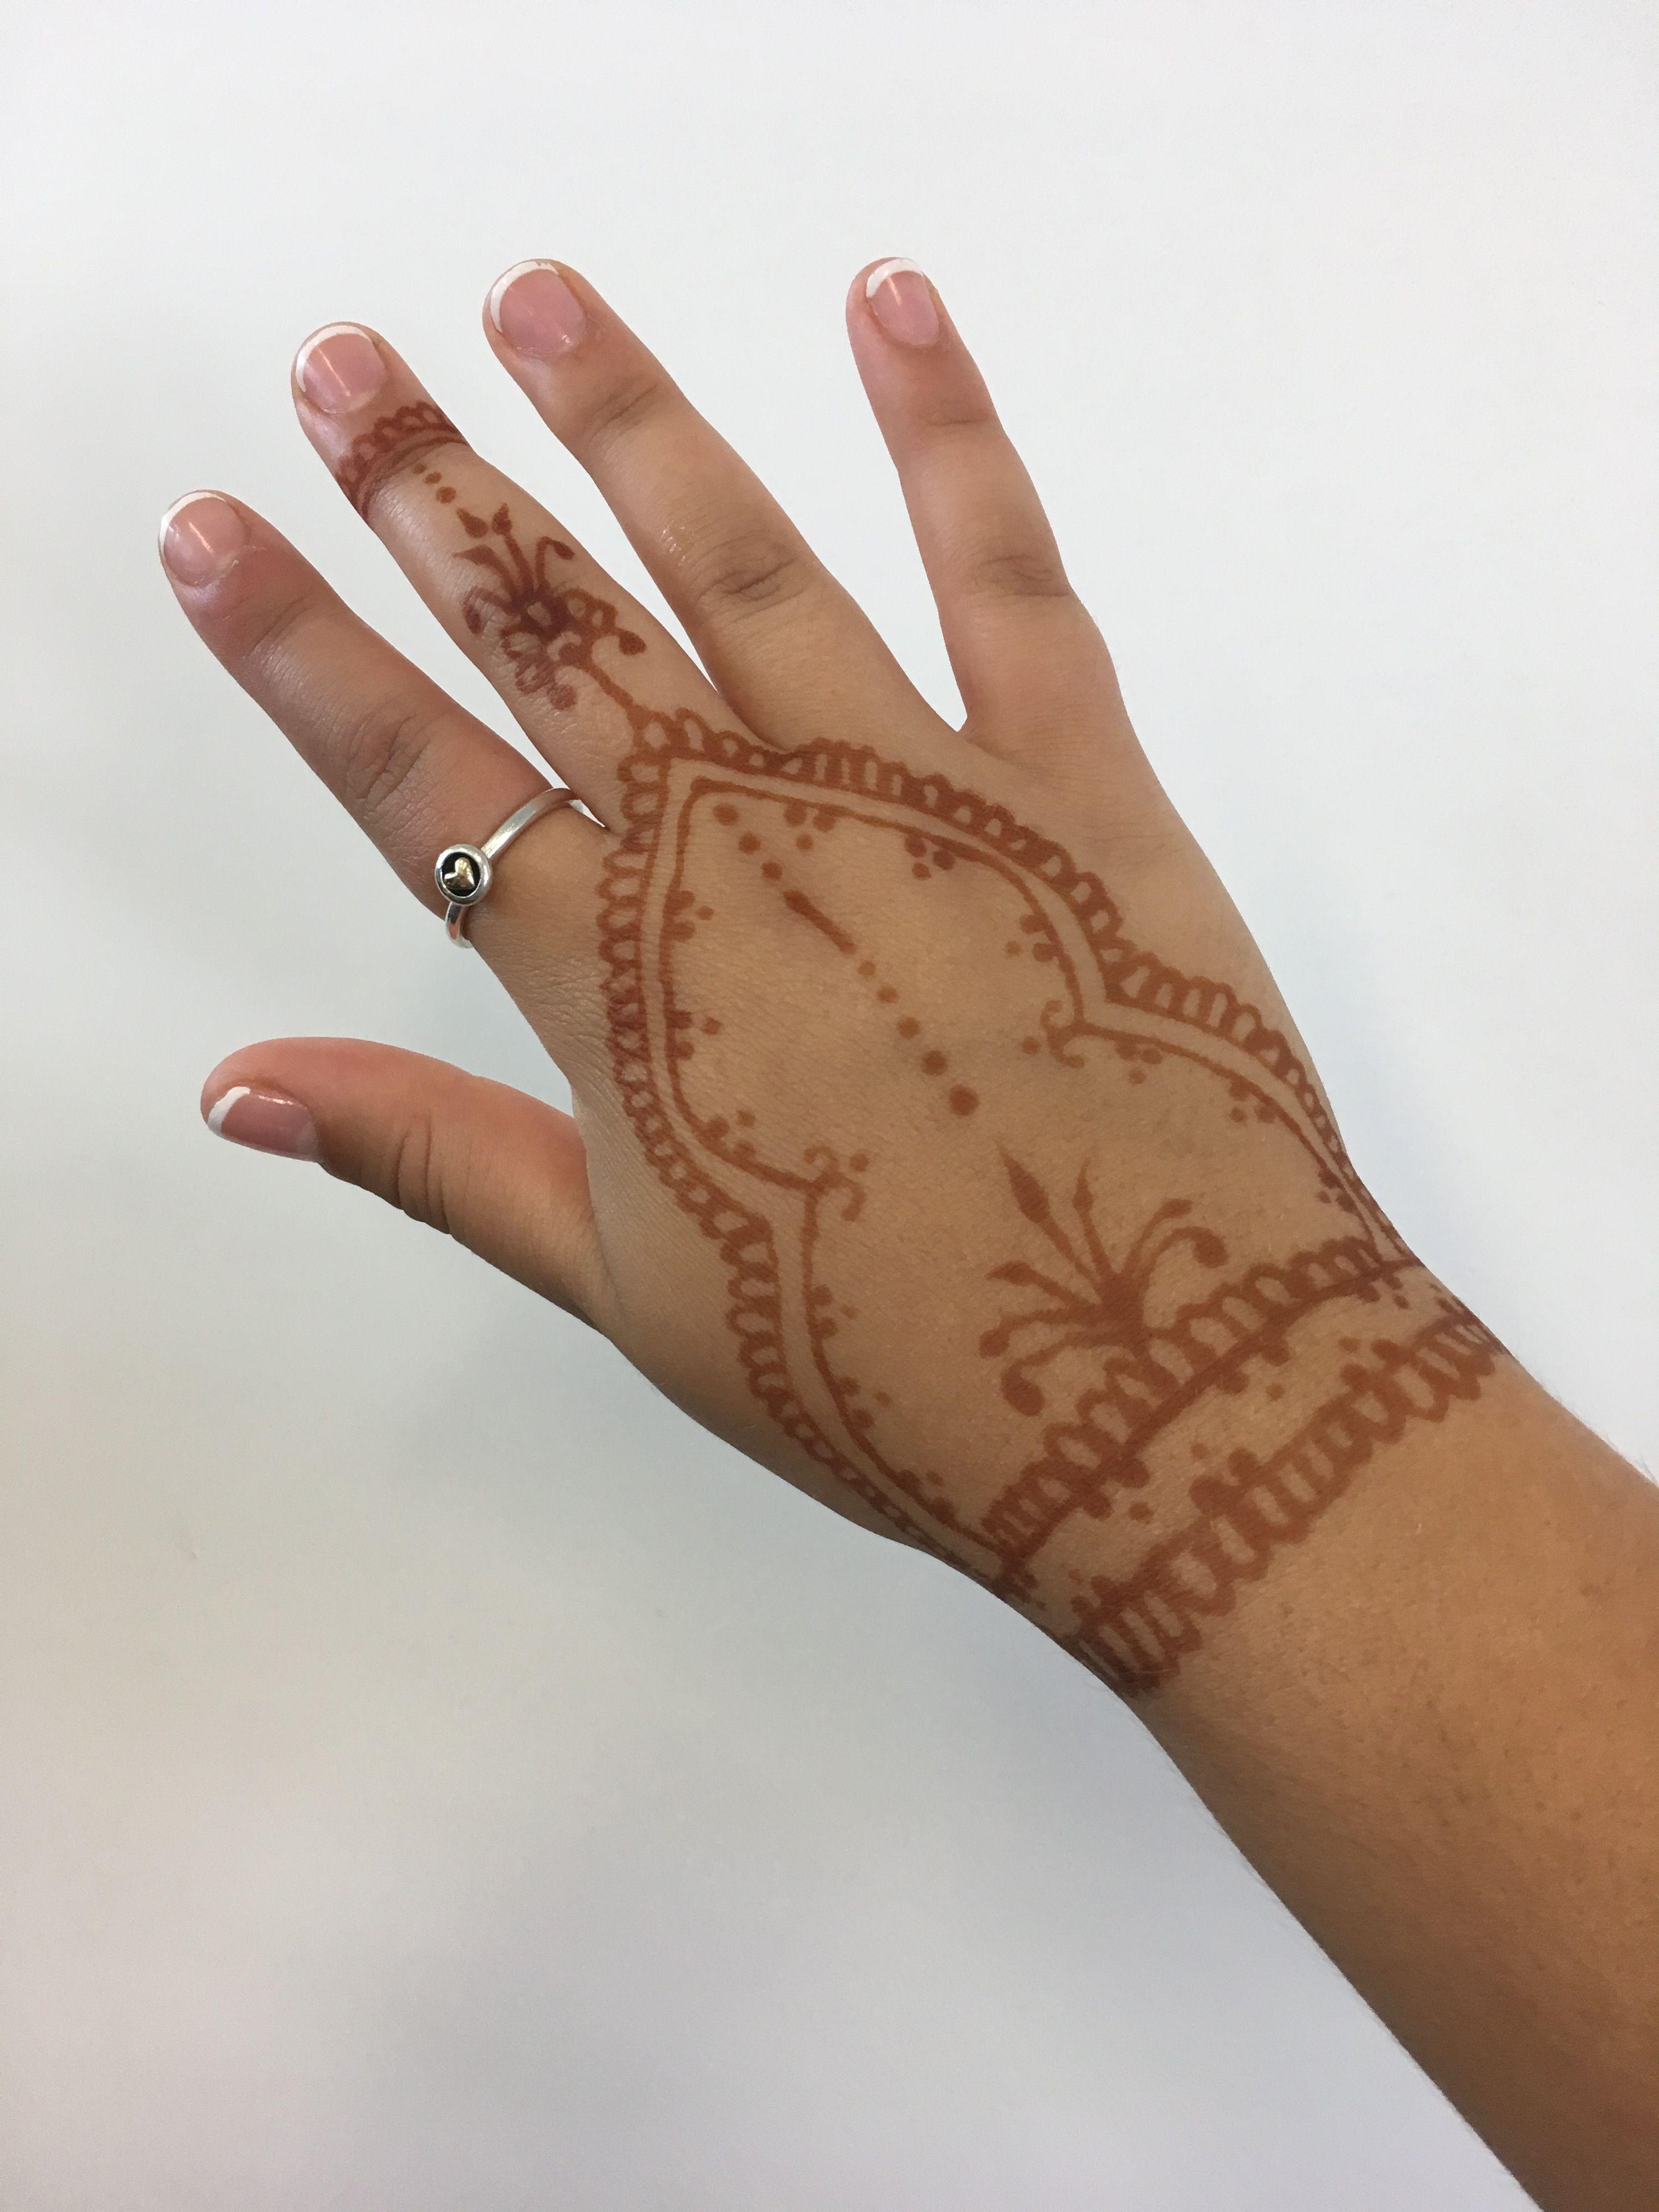 Henna by Lucy love henna tumblr bestfriend (с